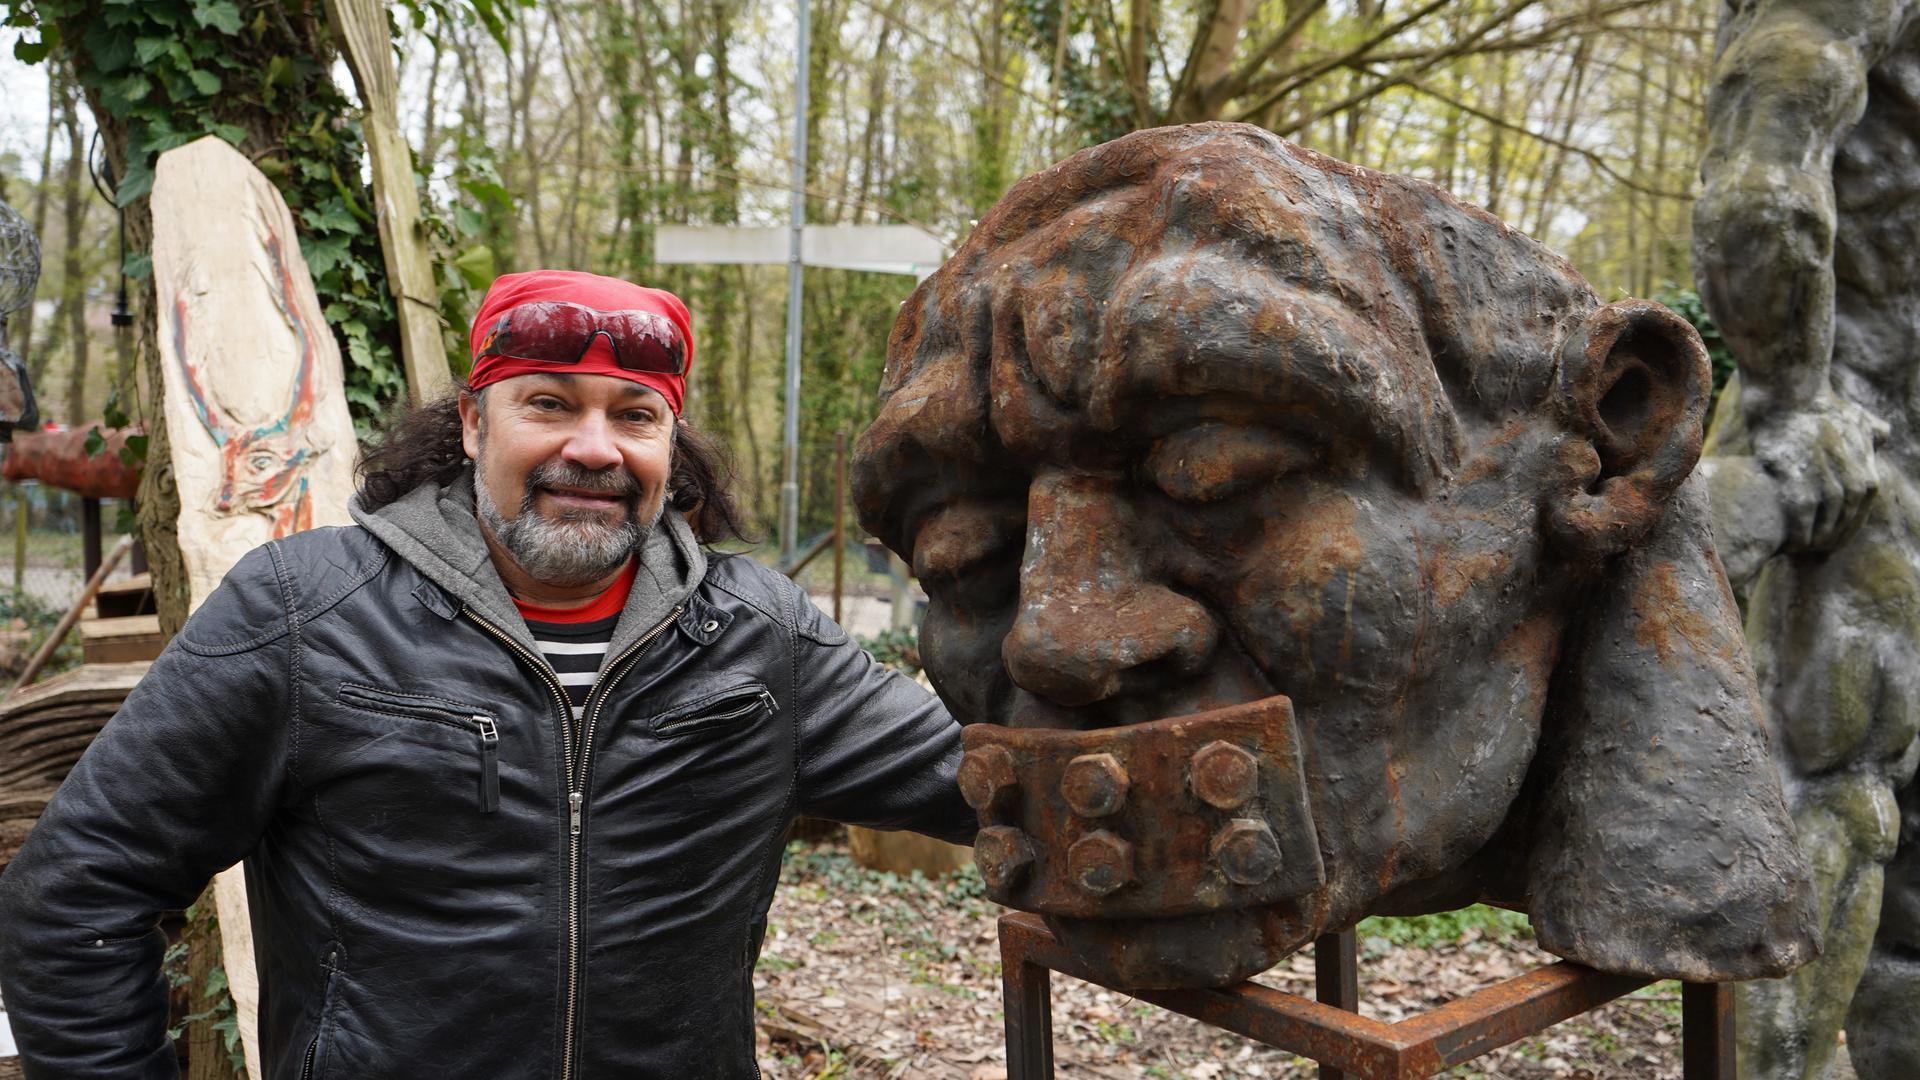 Mann mit Bart, Lederjacke und rotem Kopftuch neben einer Skulptur.